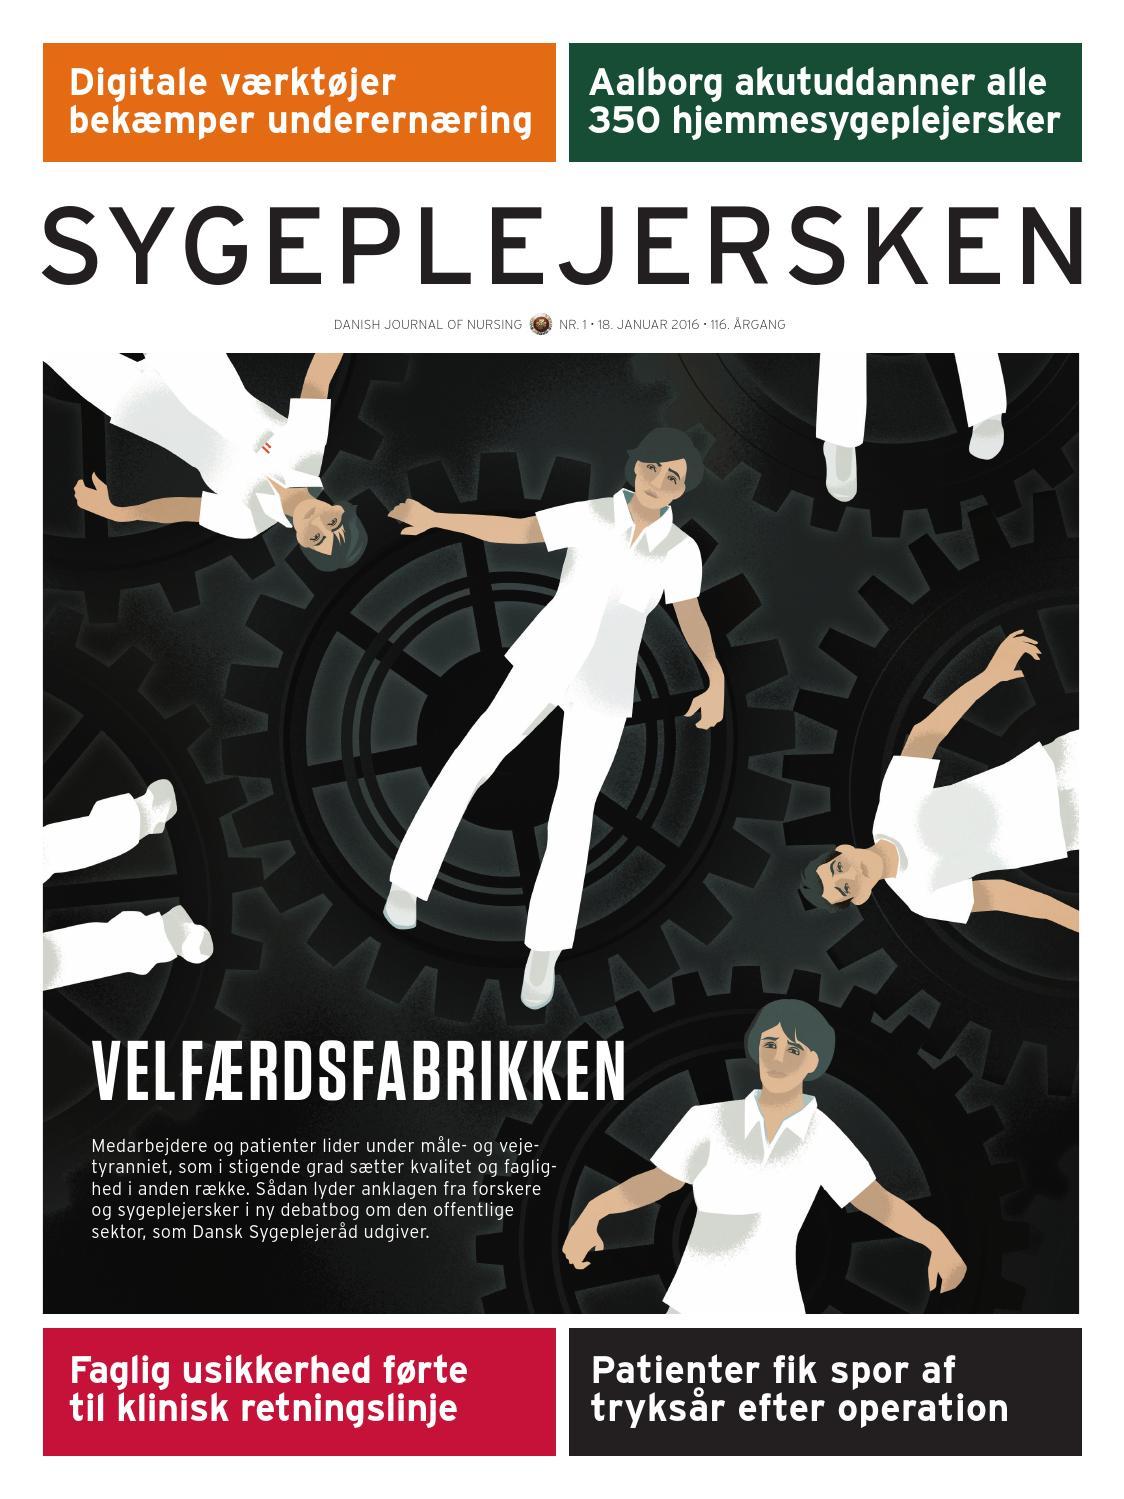 dansk sygeplejeråd ferieboliger